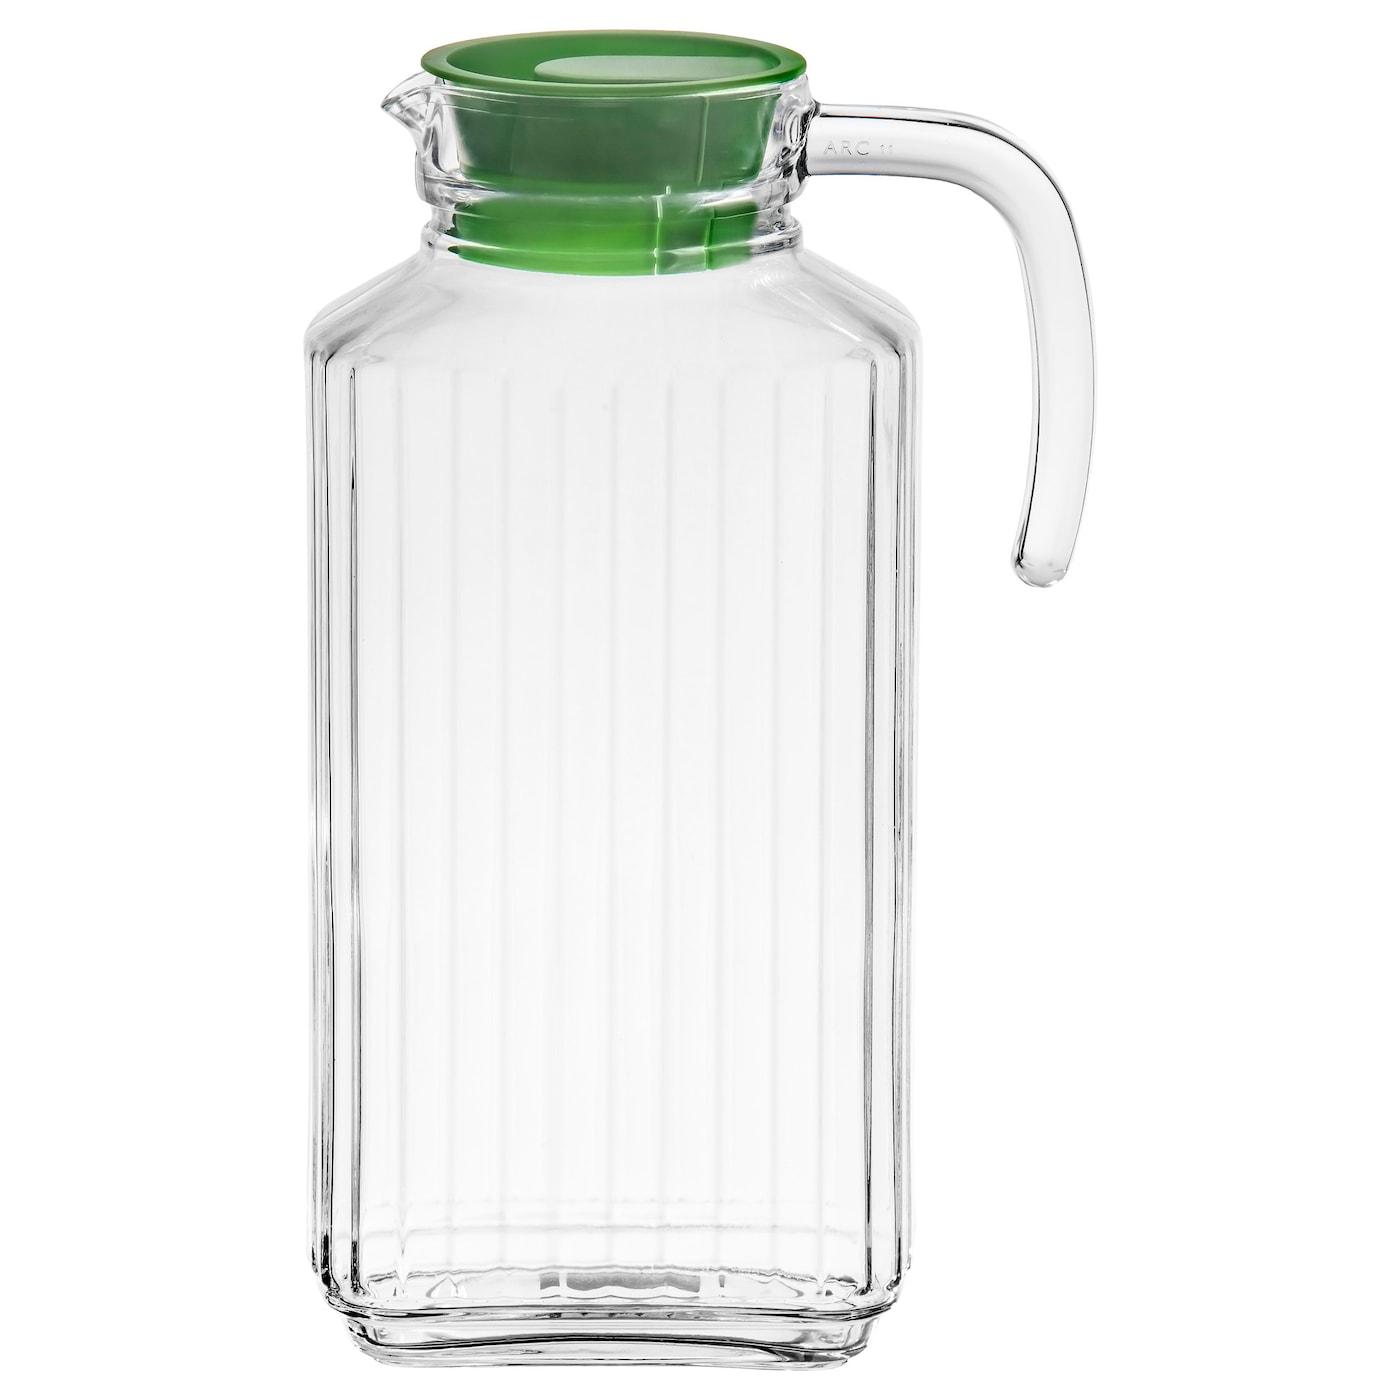 jugs  carafes  ikea ireland  dublin - ikea farlig jug with lid